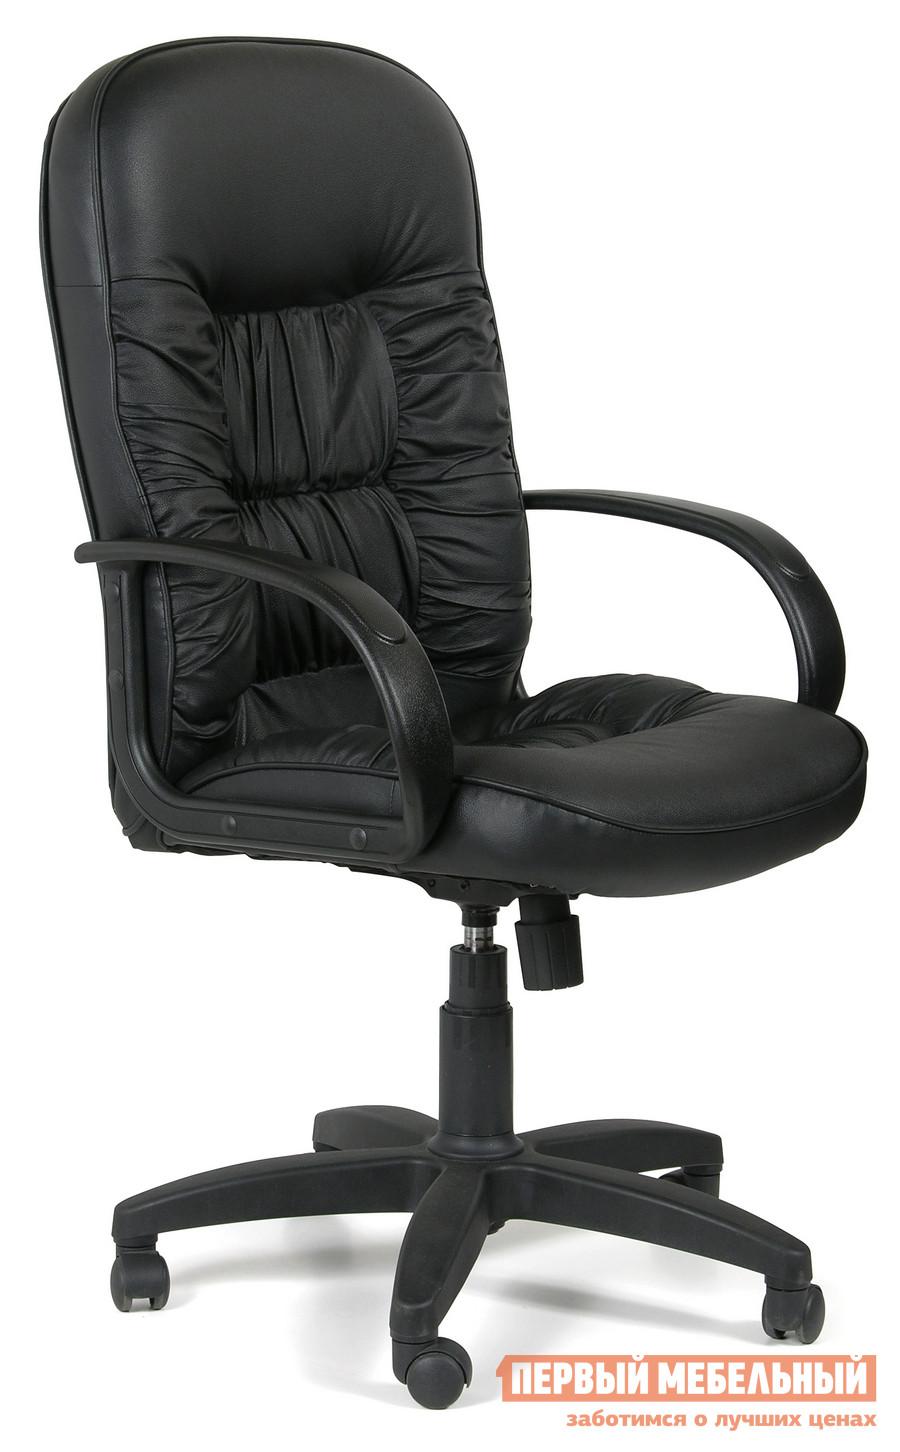 Кресло руководителя Chairman CH 416 Эко-кожа черная матоваяКресла руководителя<br>Габаритные размеры ВхШхГ 1100 / 1190x650x500 мм. Функциональное, удобное и привлекательное по цене офисное черное кресло Chairman CH 416 для настоящих руководителей.  Офисное кресло регулируется по высоте.  Подлокотники имеют удобную анатомическую форму.  Материал, из которого изготовлено кресло Chairman, отличается своей долговечностью и привлекательным внешним видом. Наполнение: Стандартный (standart) поролон плотности 25-40 кг/м3Металлические подлокотники с накладками из пластика;Механизм качания с фиксацией кресла в рабочем положении;Крестовина модели CH 416 из черного пластика;Газпатрон 3 категории по стандарту Germany DIN 4550;Ролик стандарта BIFMA 5,1 (США); диаметр штока 11 мм, материал - полиамид;Максимальная нагрузка: 120 кг;Цвет модели — черный.<br><br>Цвет: Черный<br>Высота мм: 1100 / 1190<br>Ширина мм: 650<br>Глубина мм: 500<br>Кол-во упаковок: 1<br>Форма поставки: В разобранном виде<br>Срок гарантии: 12 месяцев<br>Тип: До 80 кг<br>Тип: До 100 кг<br>Тип: До 120 кг<br>Тип: Регулируемые по высоте<br>Назначение: Для дома<br>Материал: Кожа<br>Материал: Искусственная кожа<br>С подлокотниками: Да<br>С мягким сиденьем: Да<br>Пластиковая крестовина: Да<br>С откидной спинкой: Да